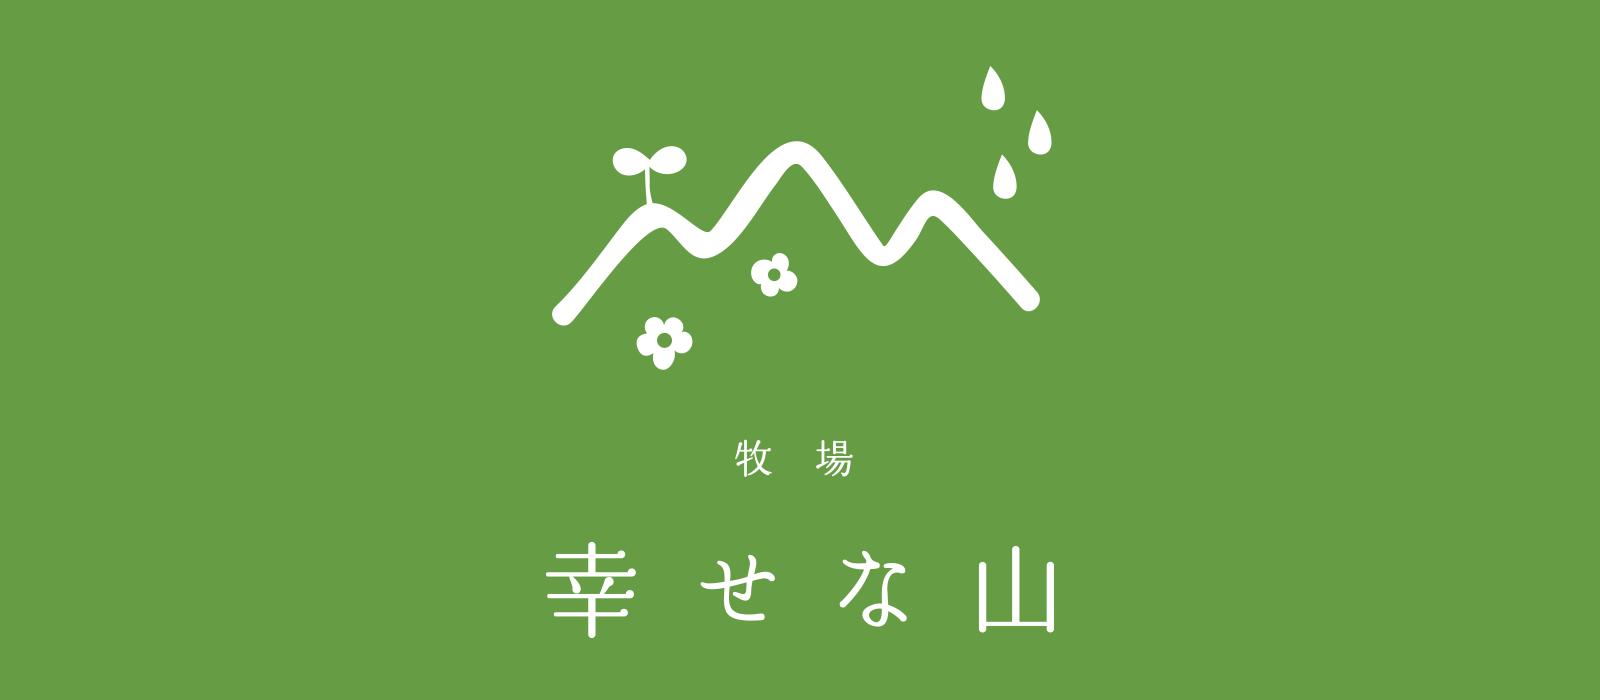 酪農家の名刺ロゴデザイン